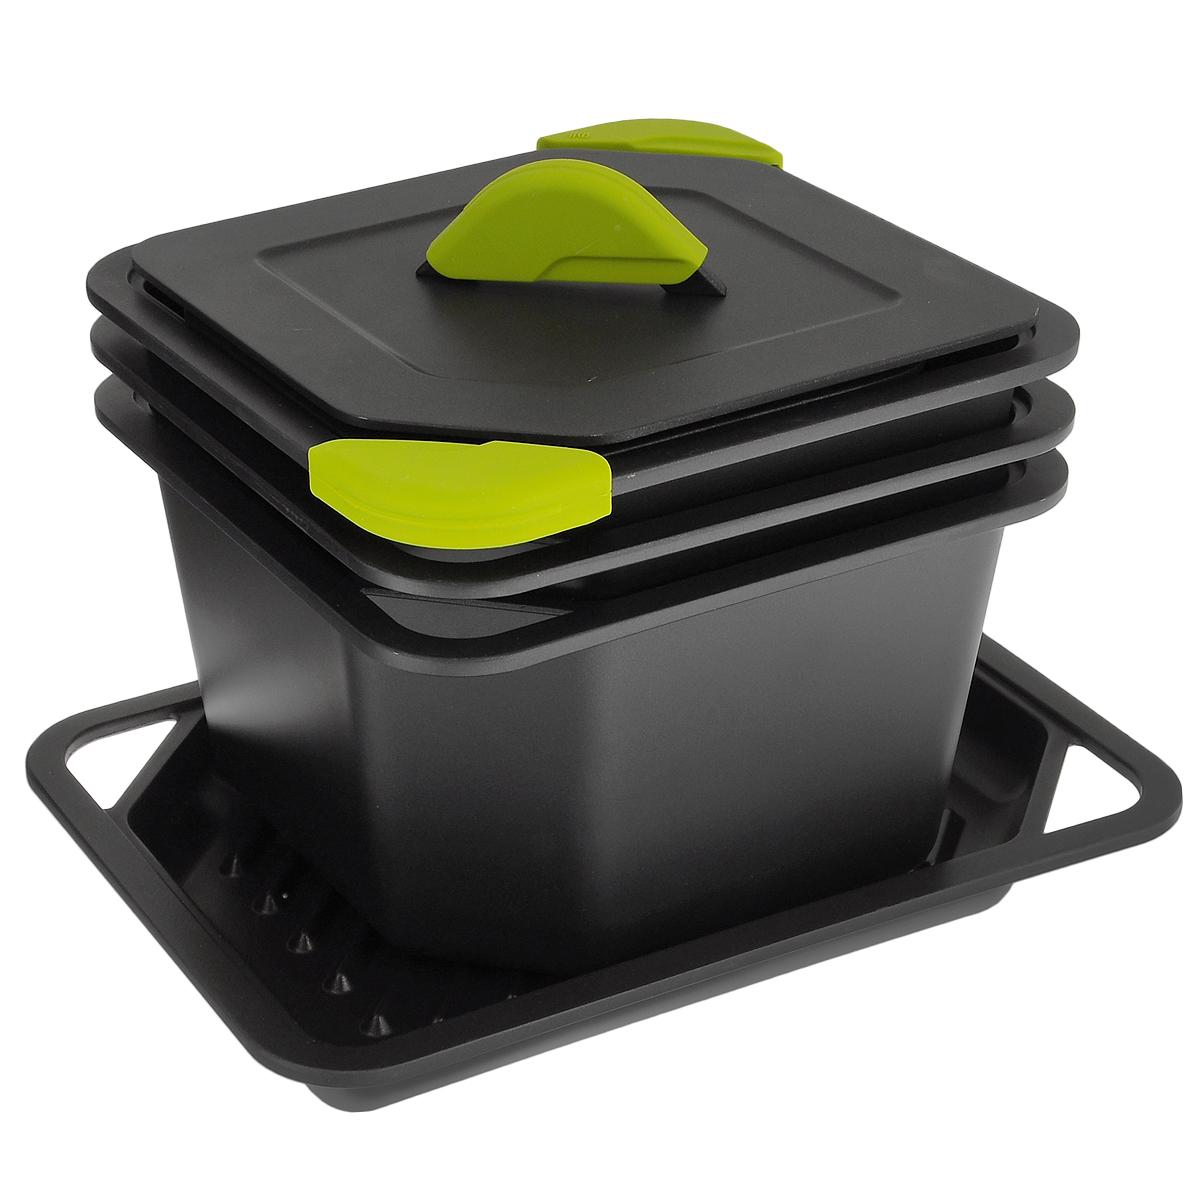 Набор посуды Iris Barcelona Quadro, с антипригарным покрытием, 9 предметов quadro сумки